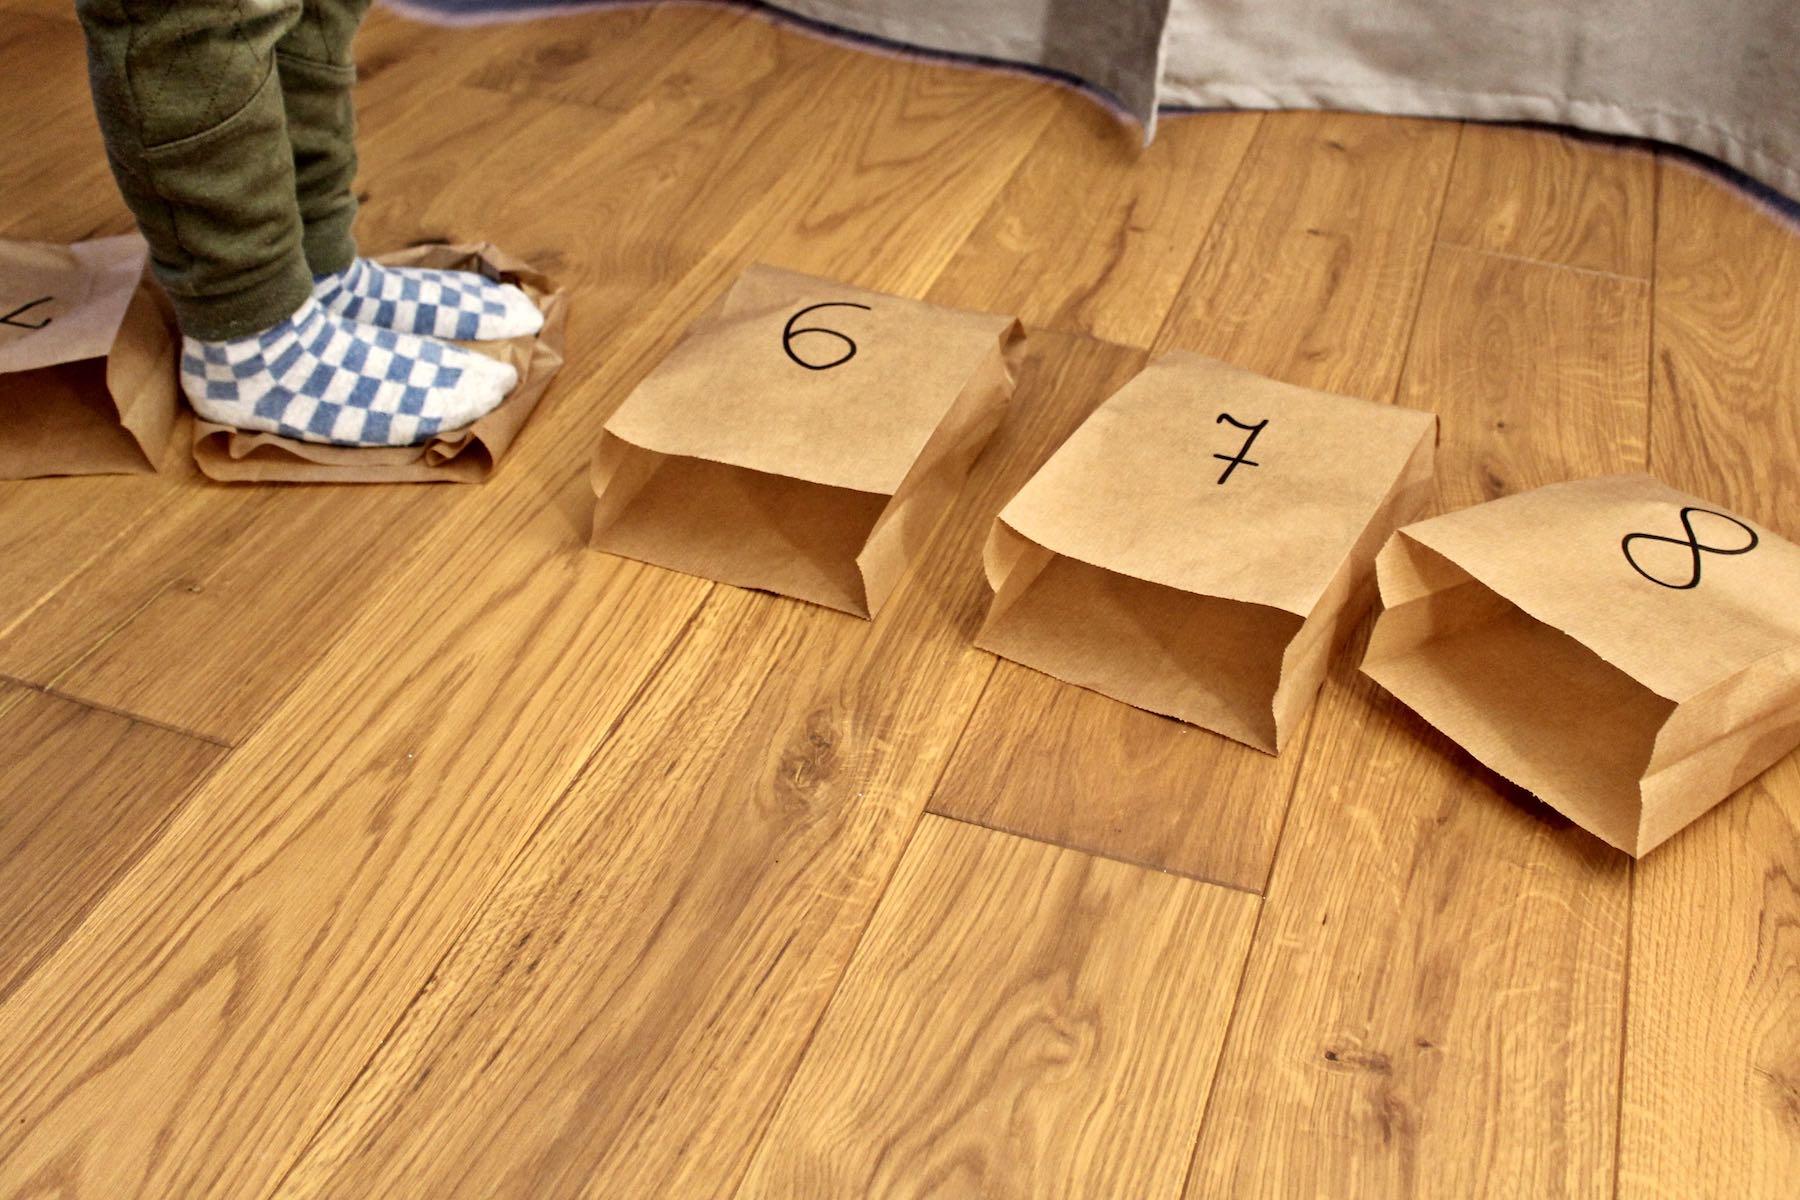 Sposoby na użycie torebek śniadaniowych na zajęciach